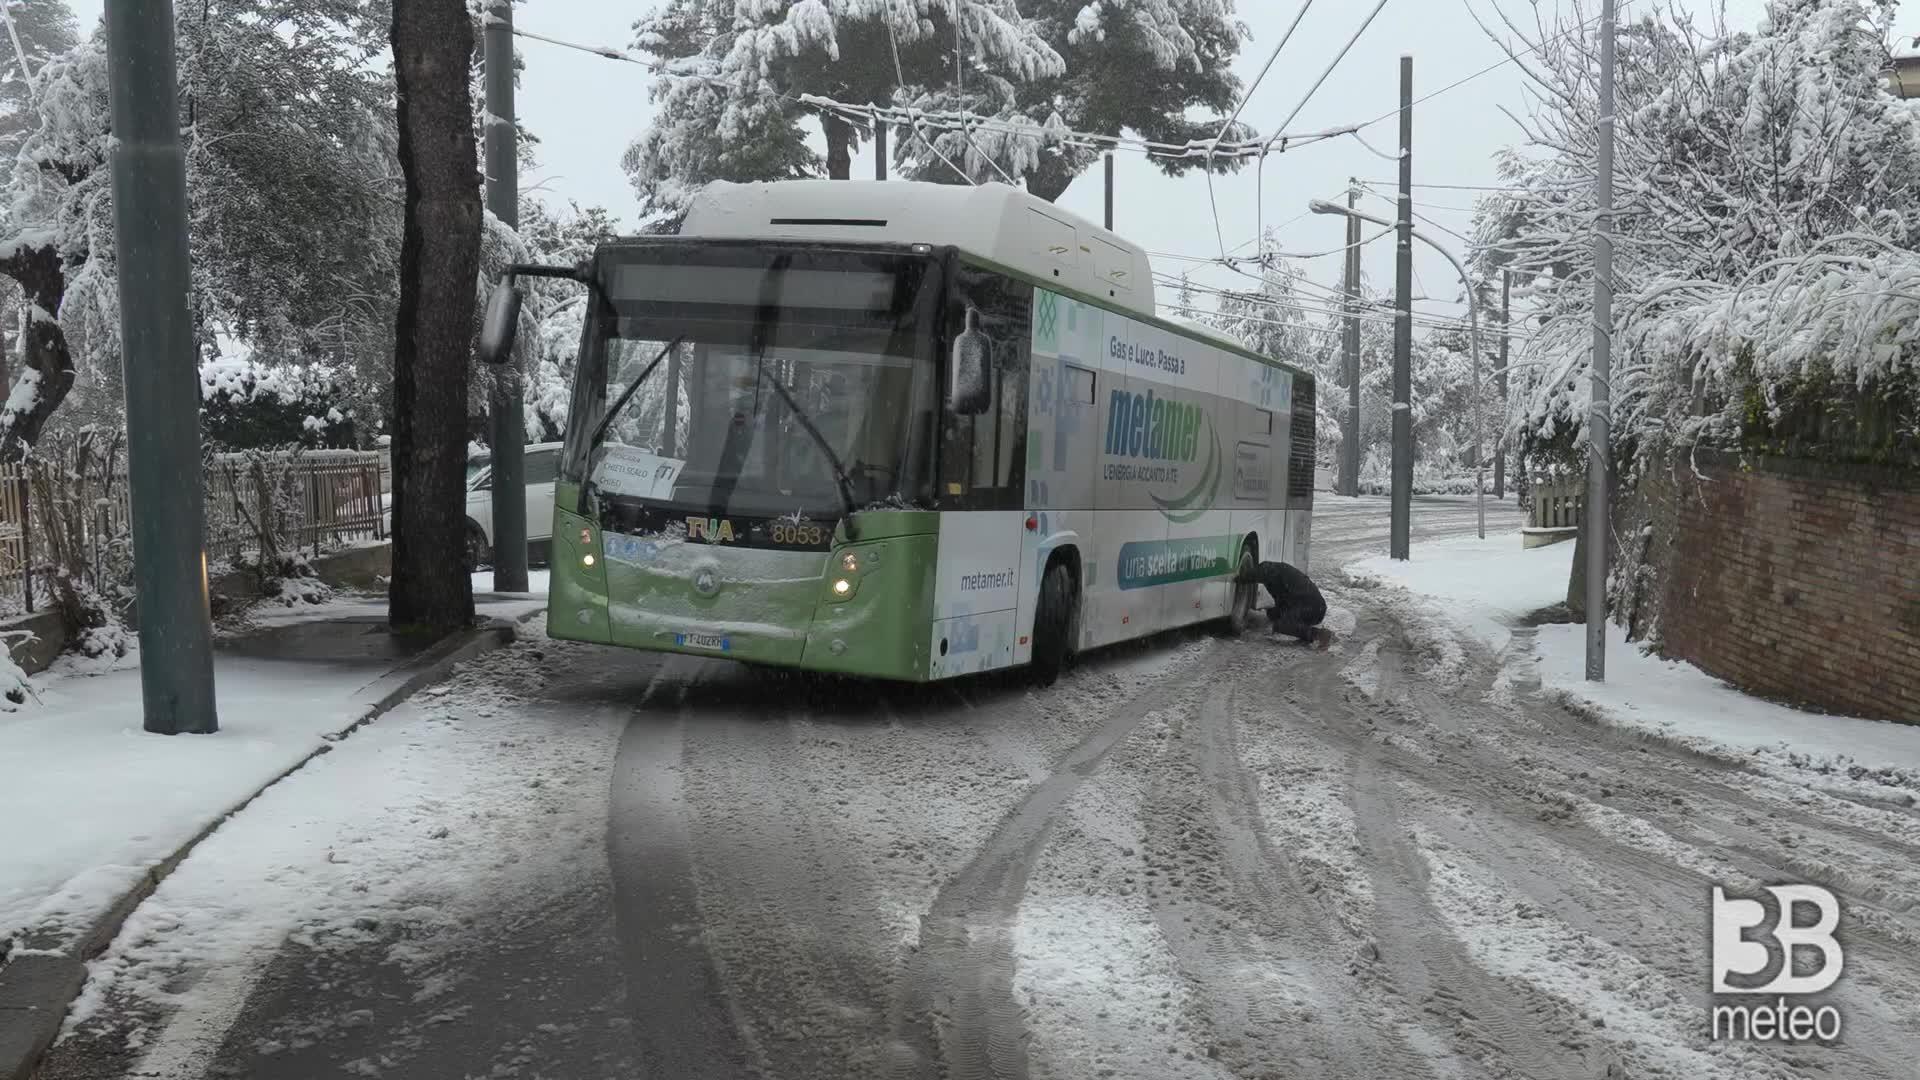 Chieti, autobus in difficoltà: la nevicata prosegue